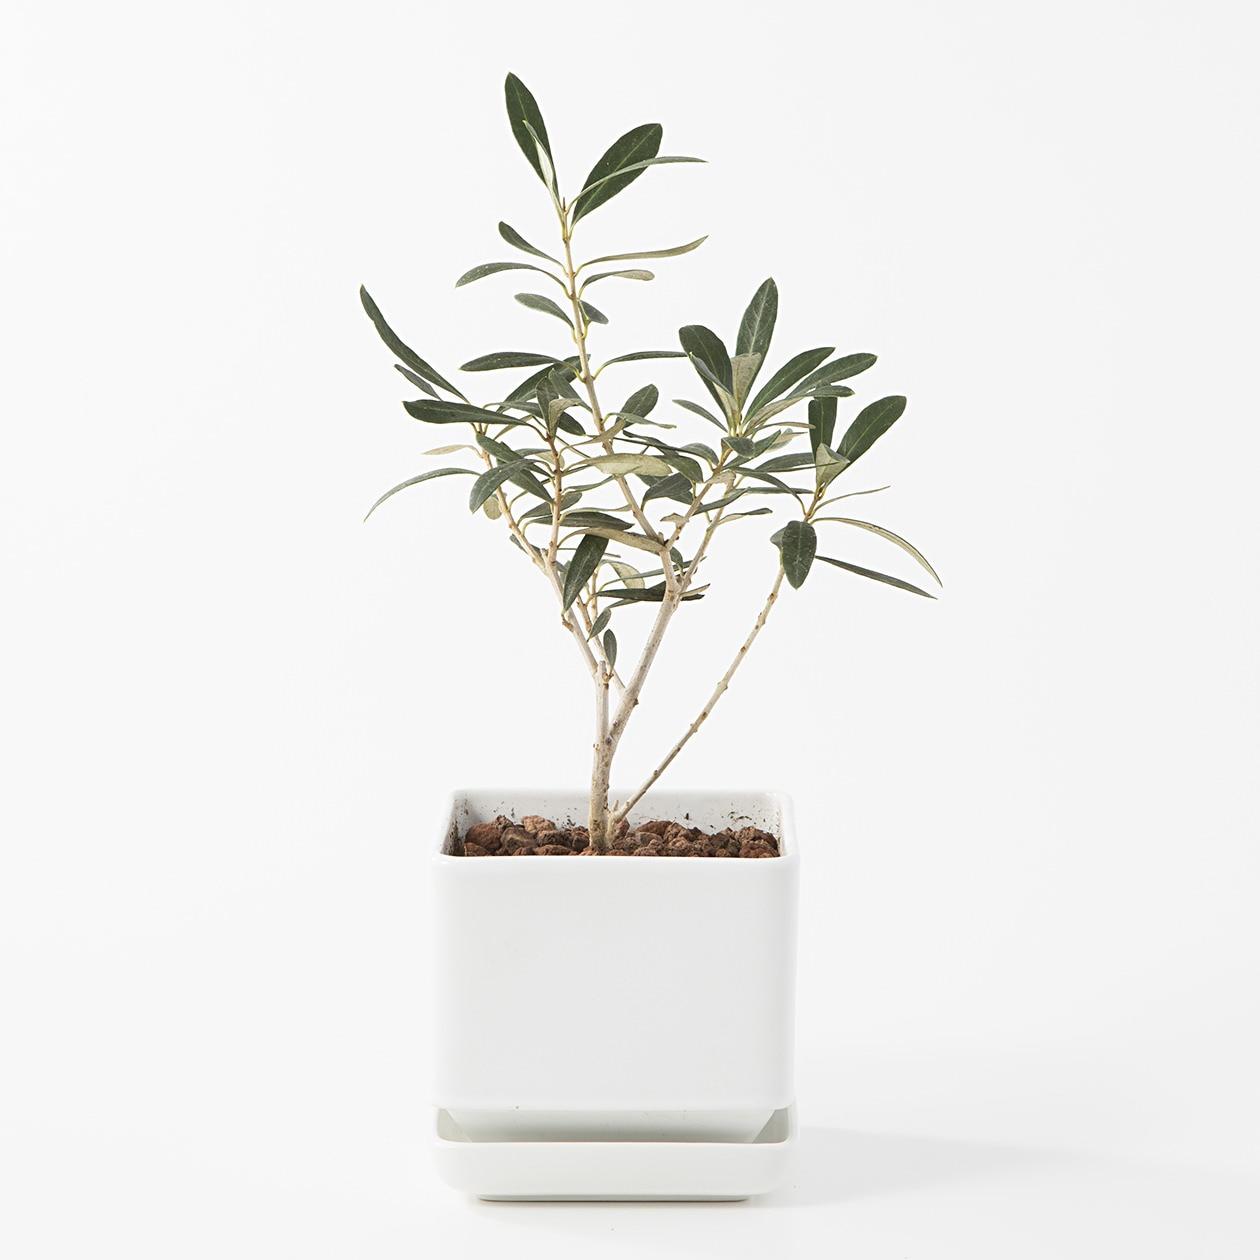 【ネット限定】瀬戸焼の鉢 オリーブ 4号